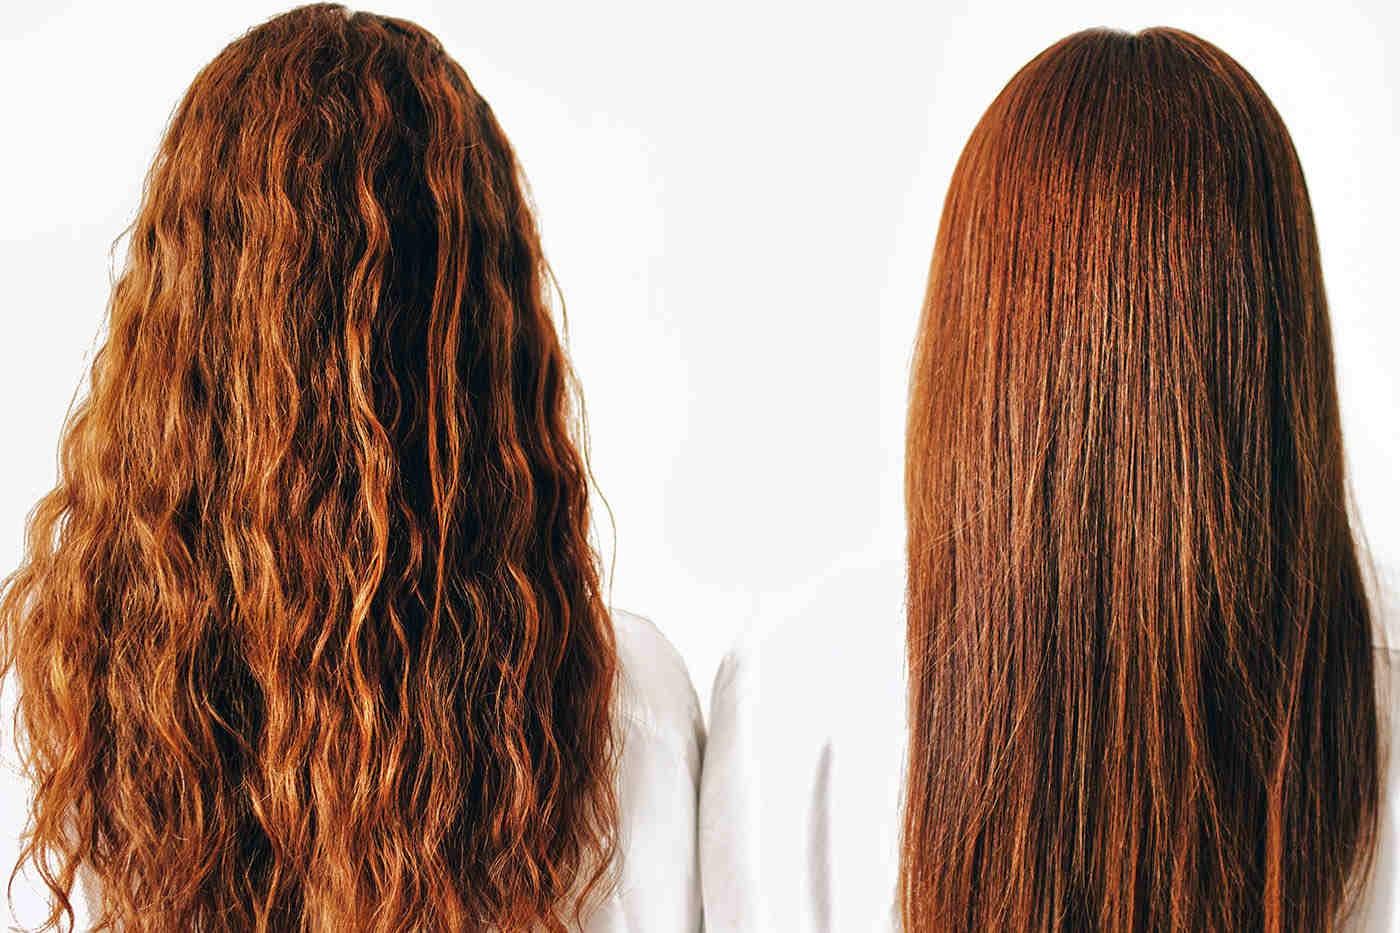 Tipuri de păr și cum le îngrijești